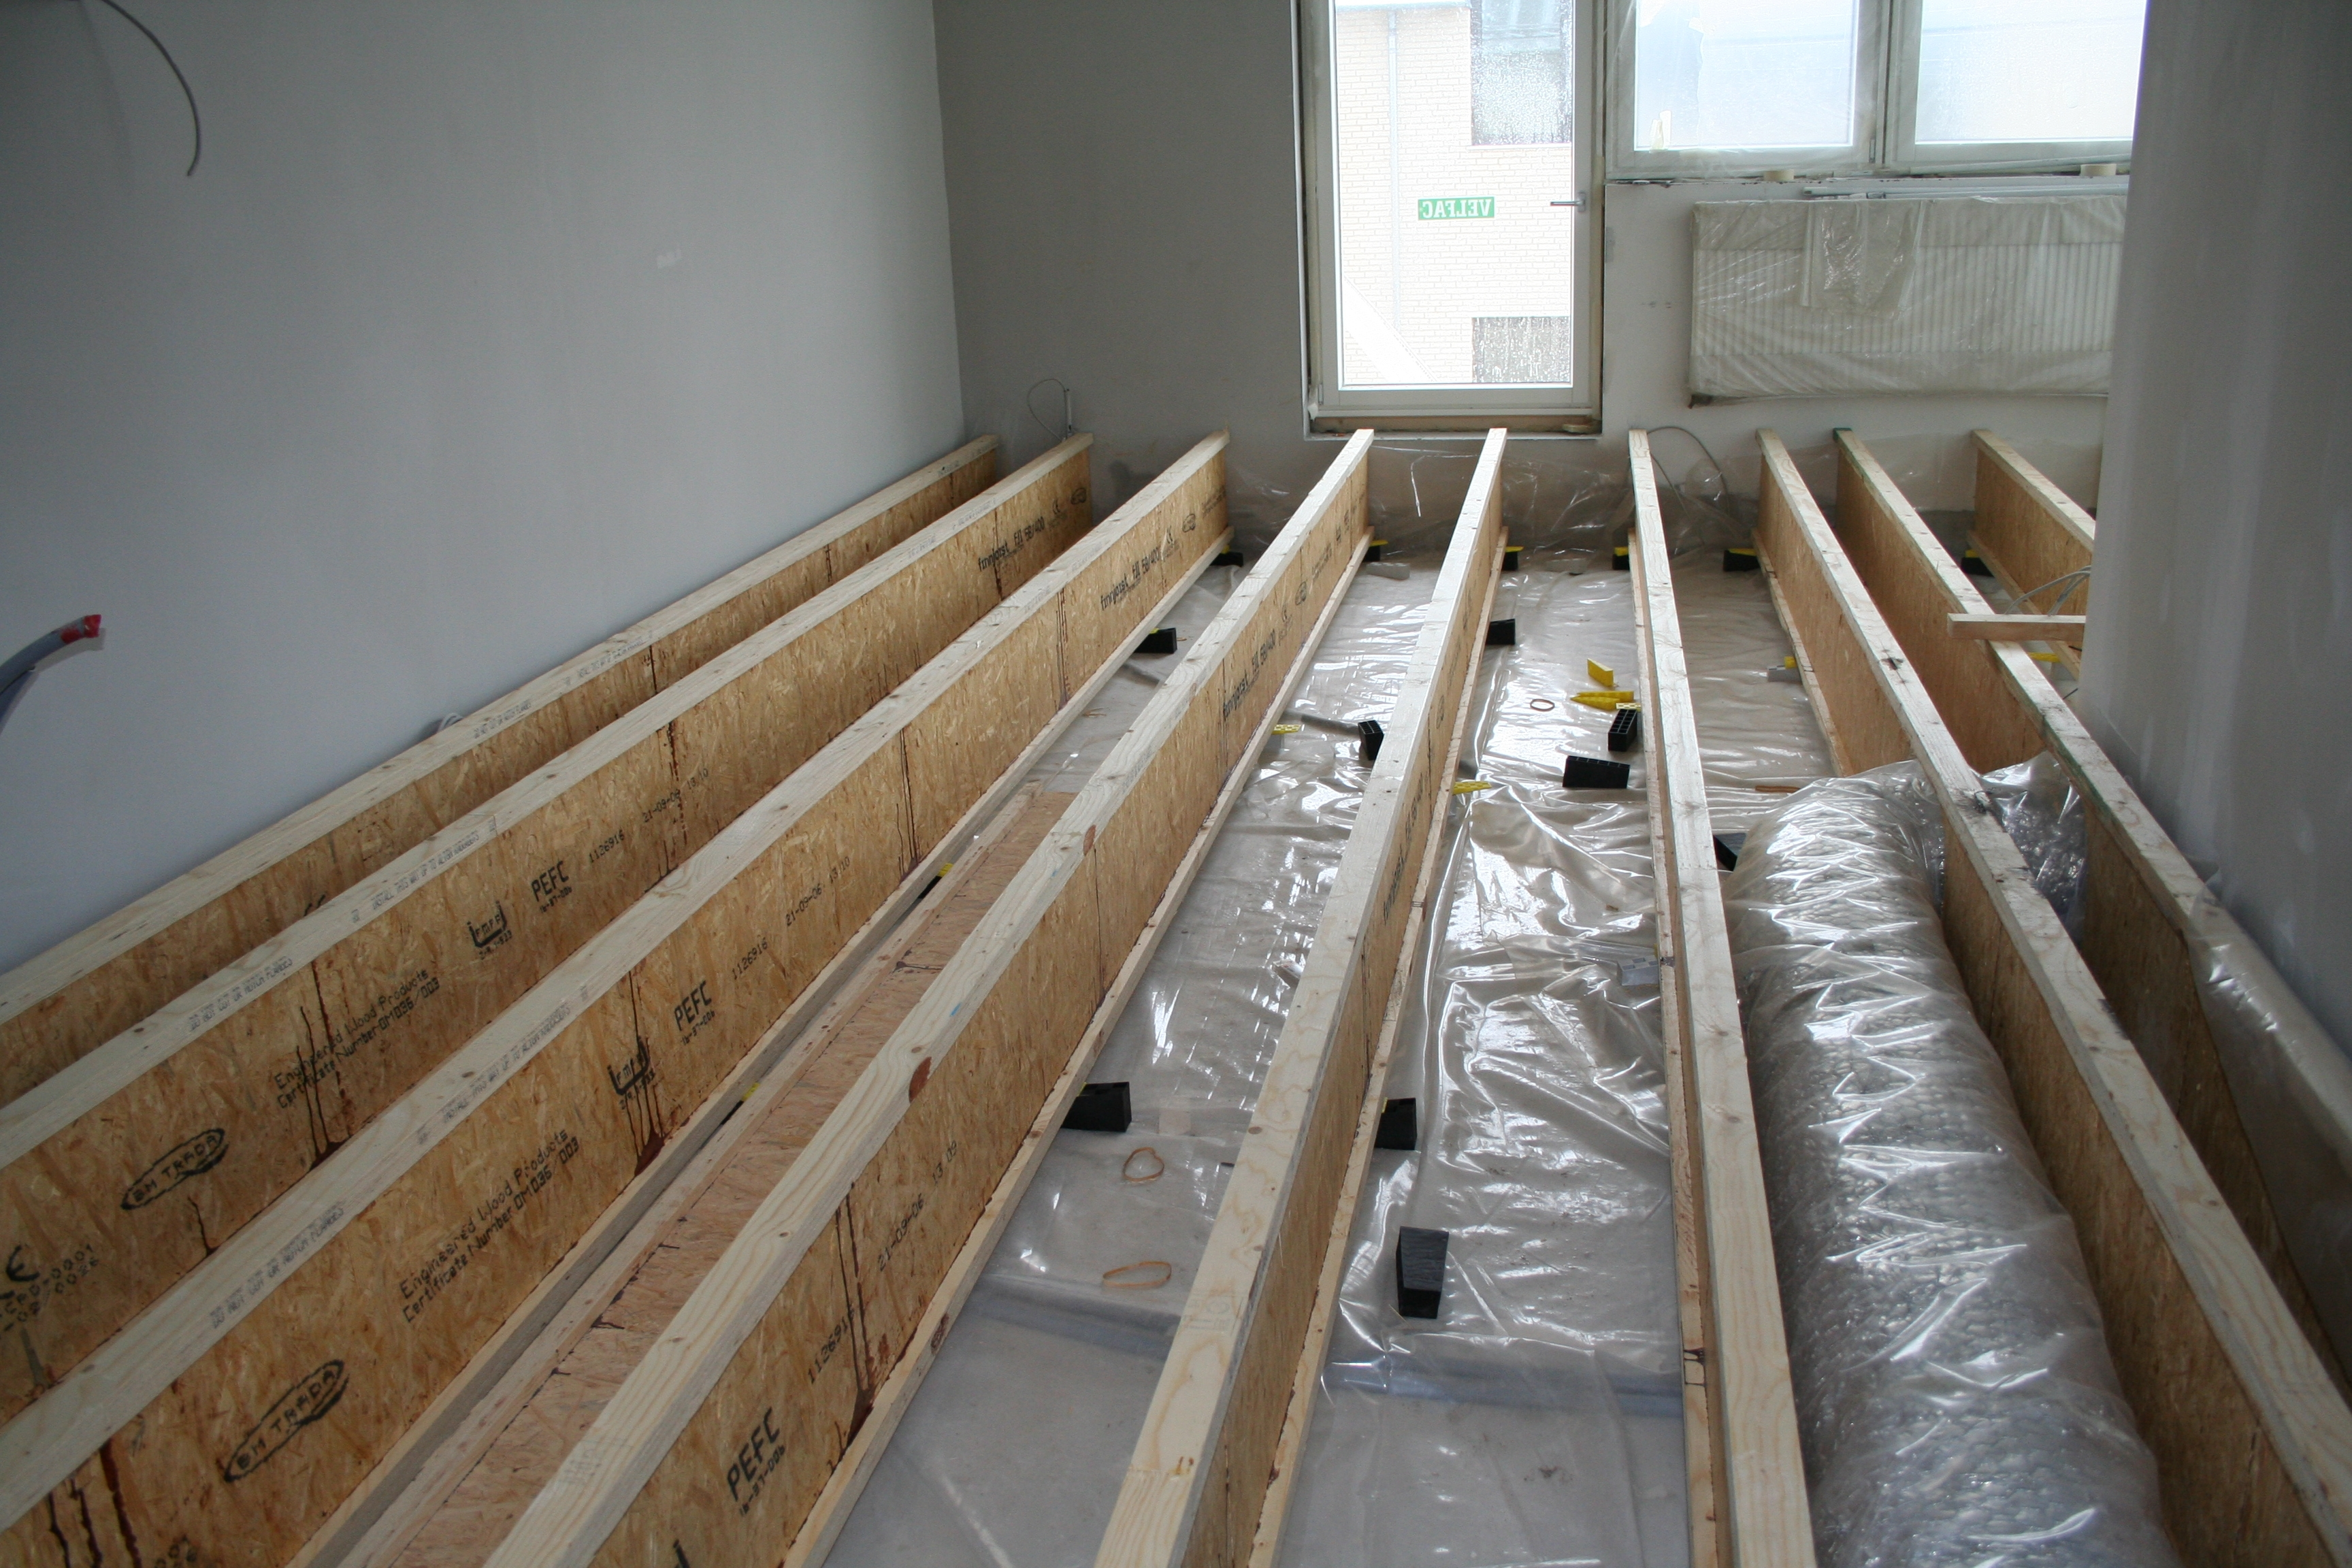 #634A31 Mest effektive Højt Opklodsede Gulve På Den Smarte Måde Wood Supply DK Gør Det Selv Isolering Af Gulv 5505 345623045505